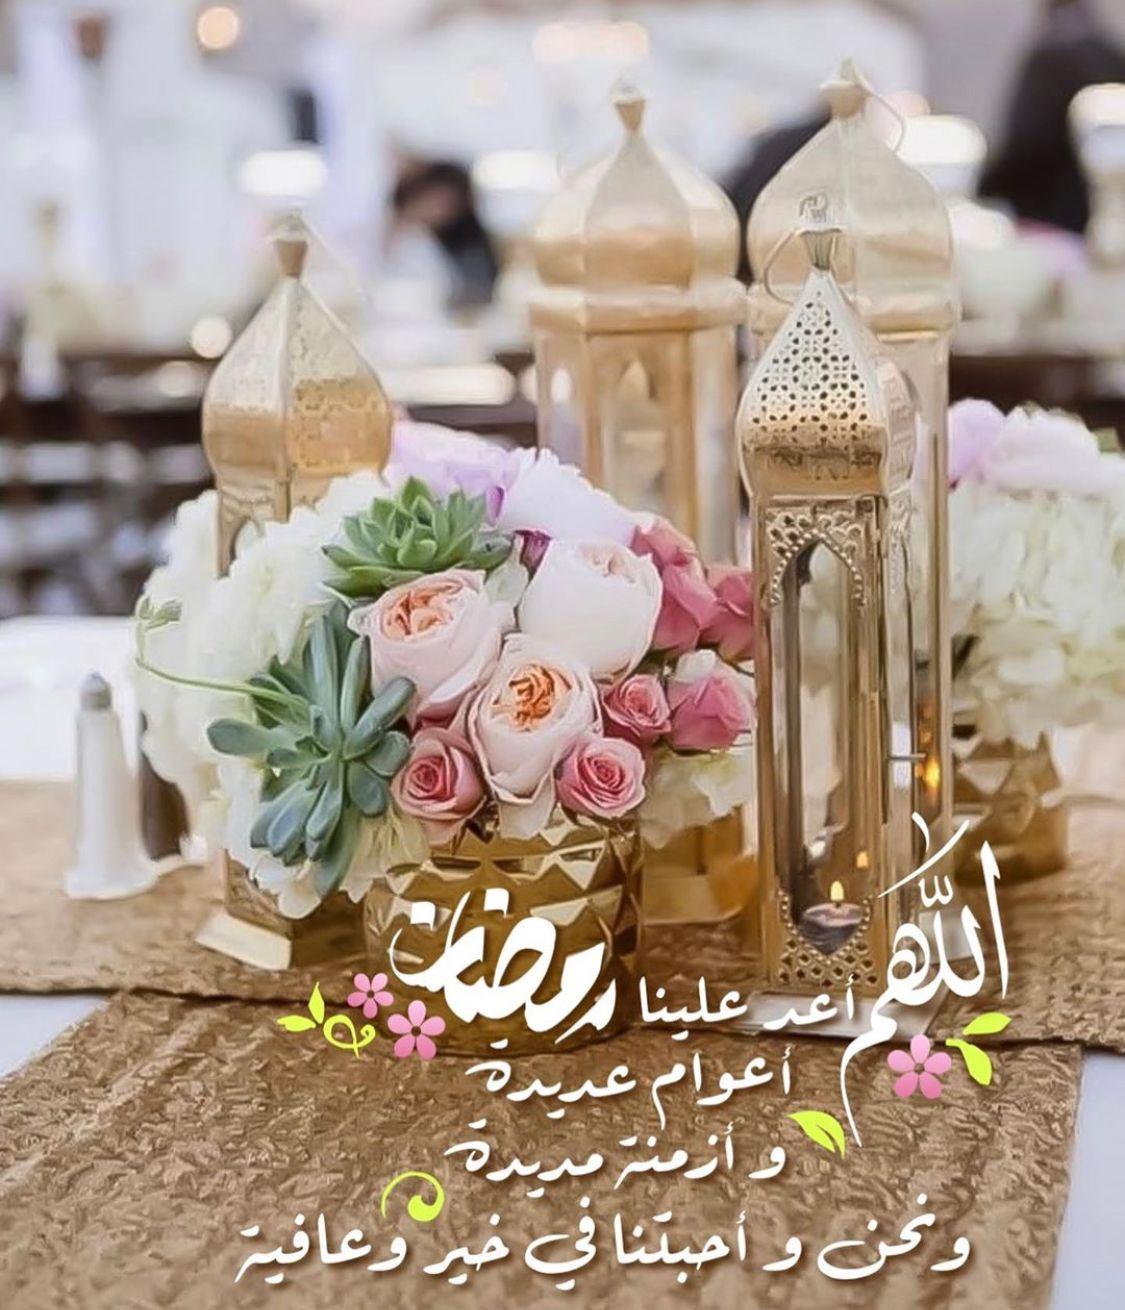 Pin By صورة و كلمة On رمضان كريم Ramadan Kareem Ramadan Crafts Ramadan Quotes Ramadan